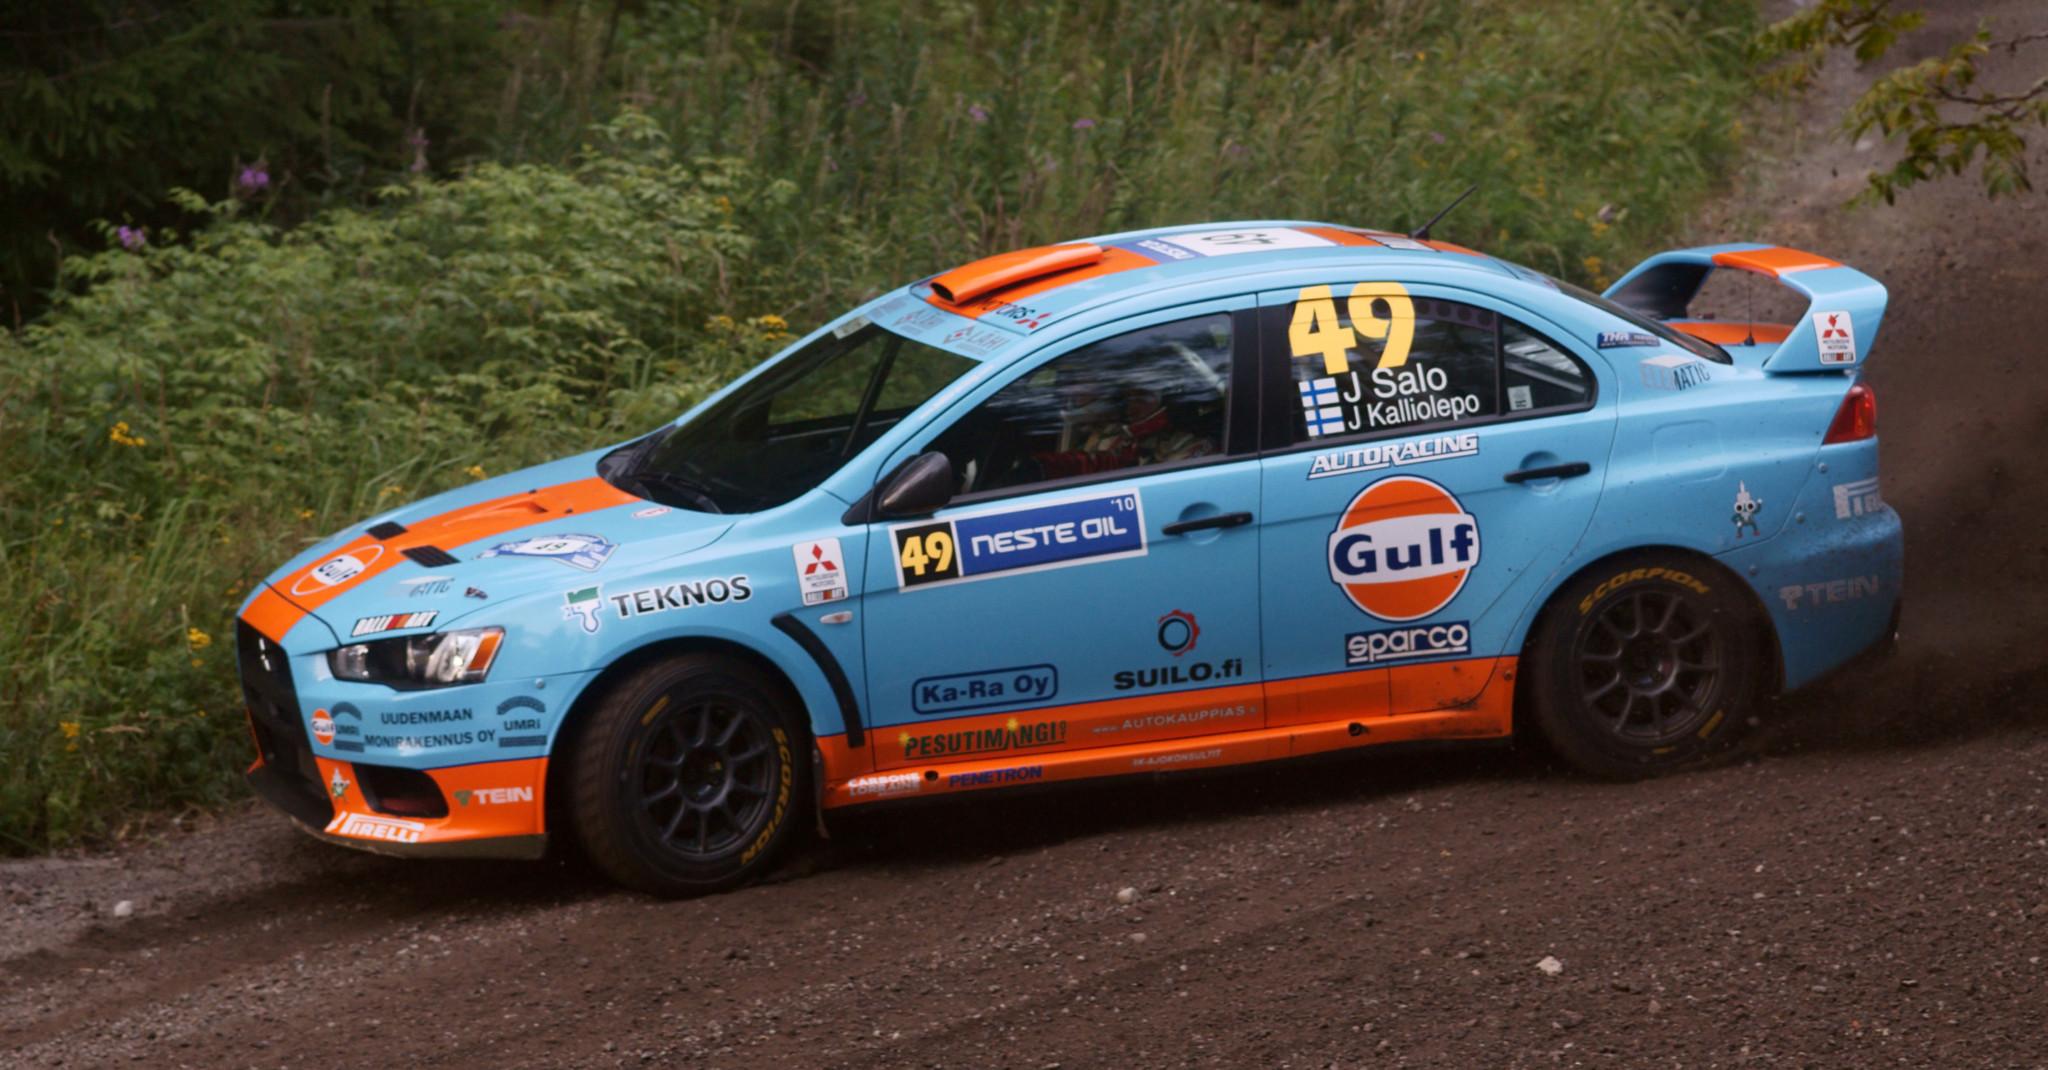 Salo alla guida della Mitsubishi Lancer Evolution X al 2010 Rally Finland